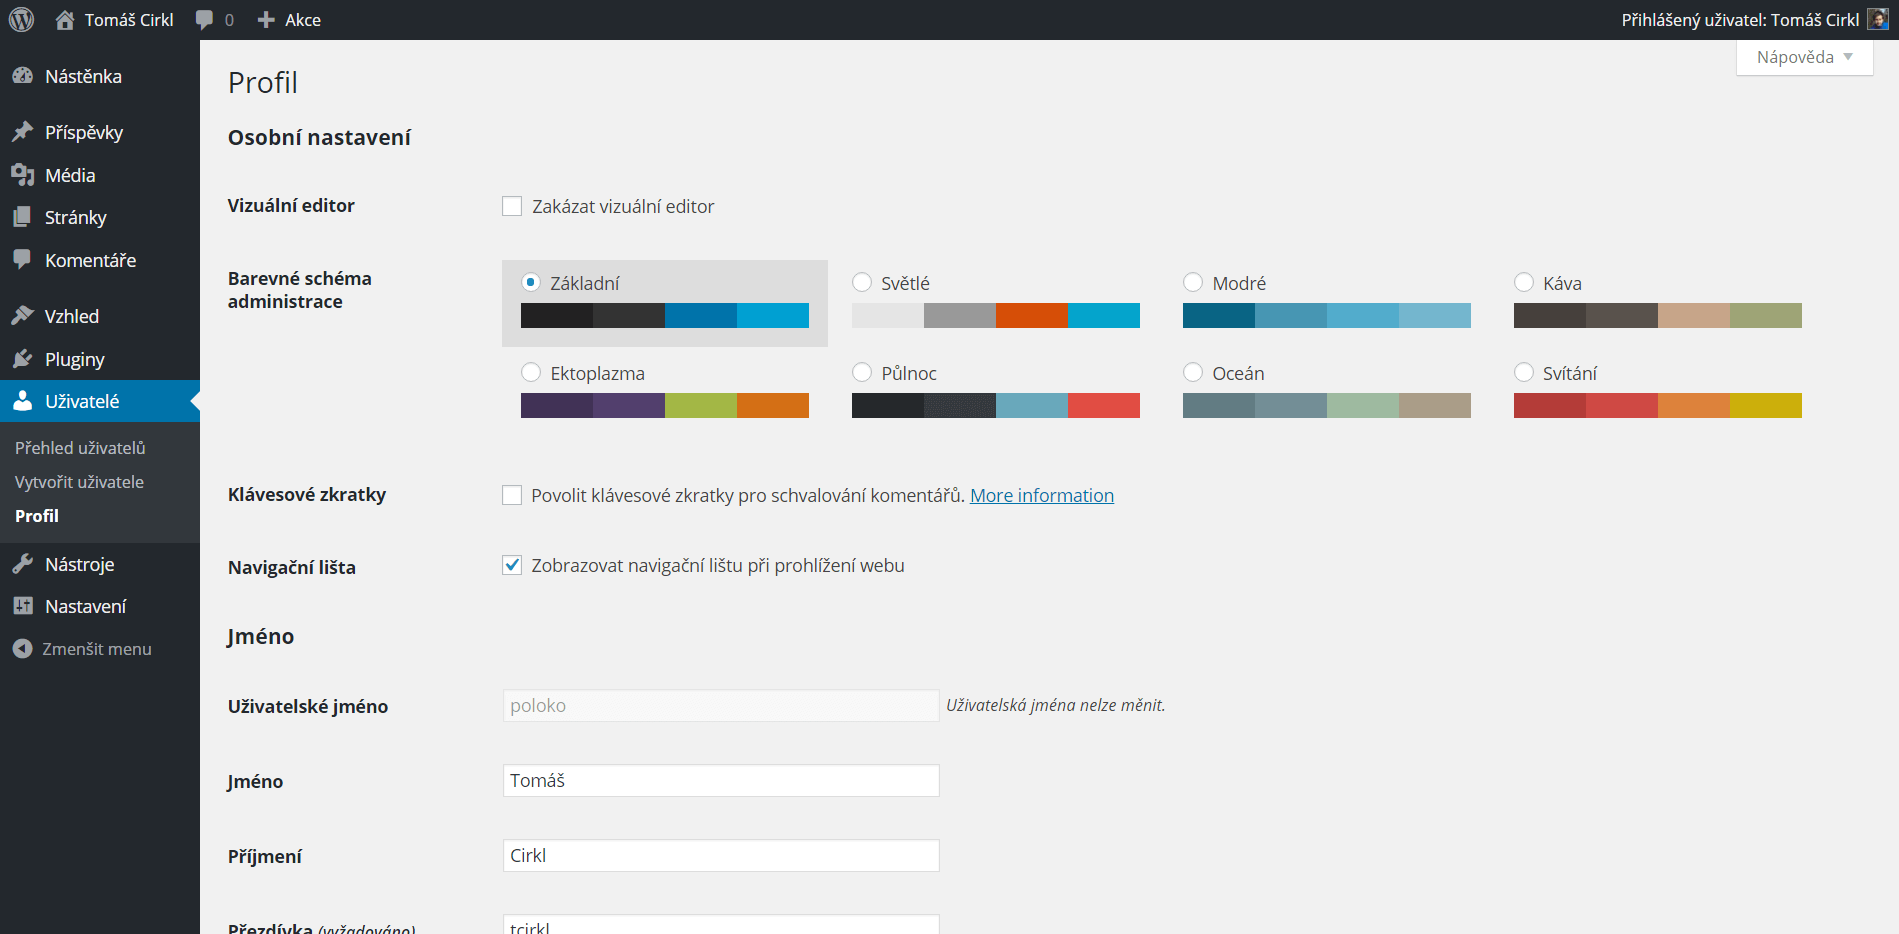 Nabídka barevných schémat